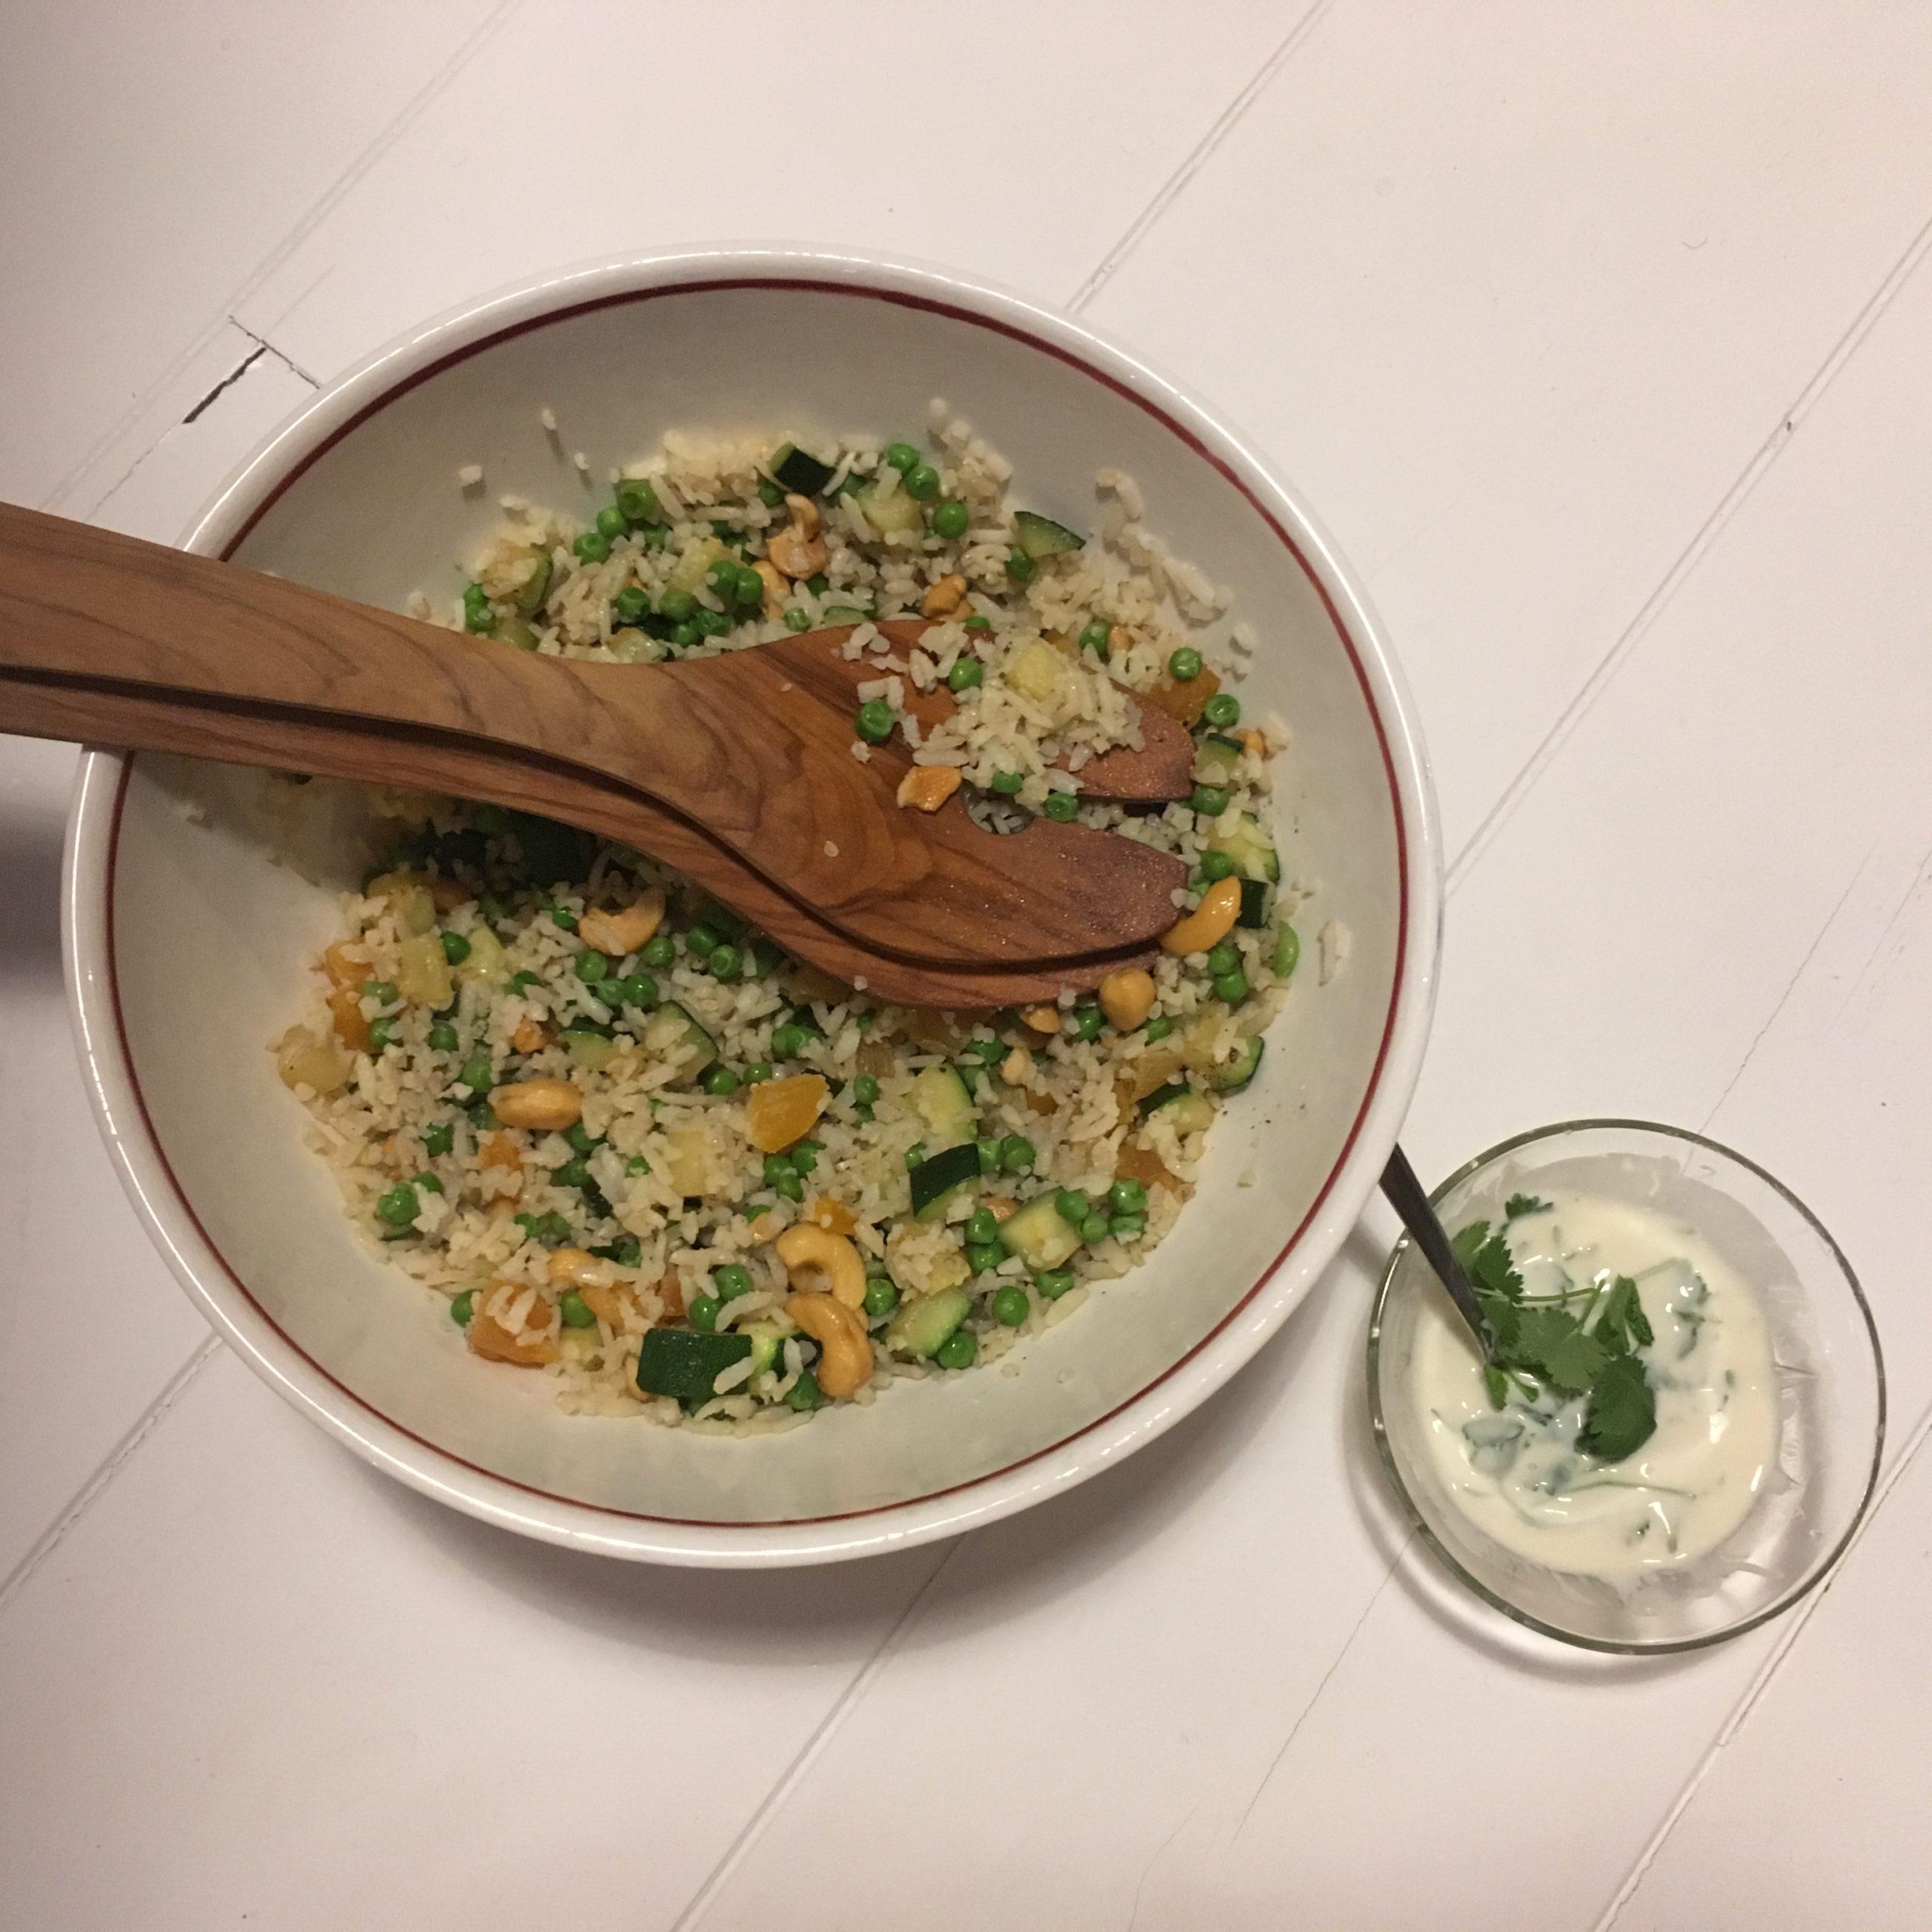 Rijstsalade met Courgette, Abrikozen en Cashewnoten